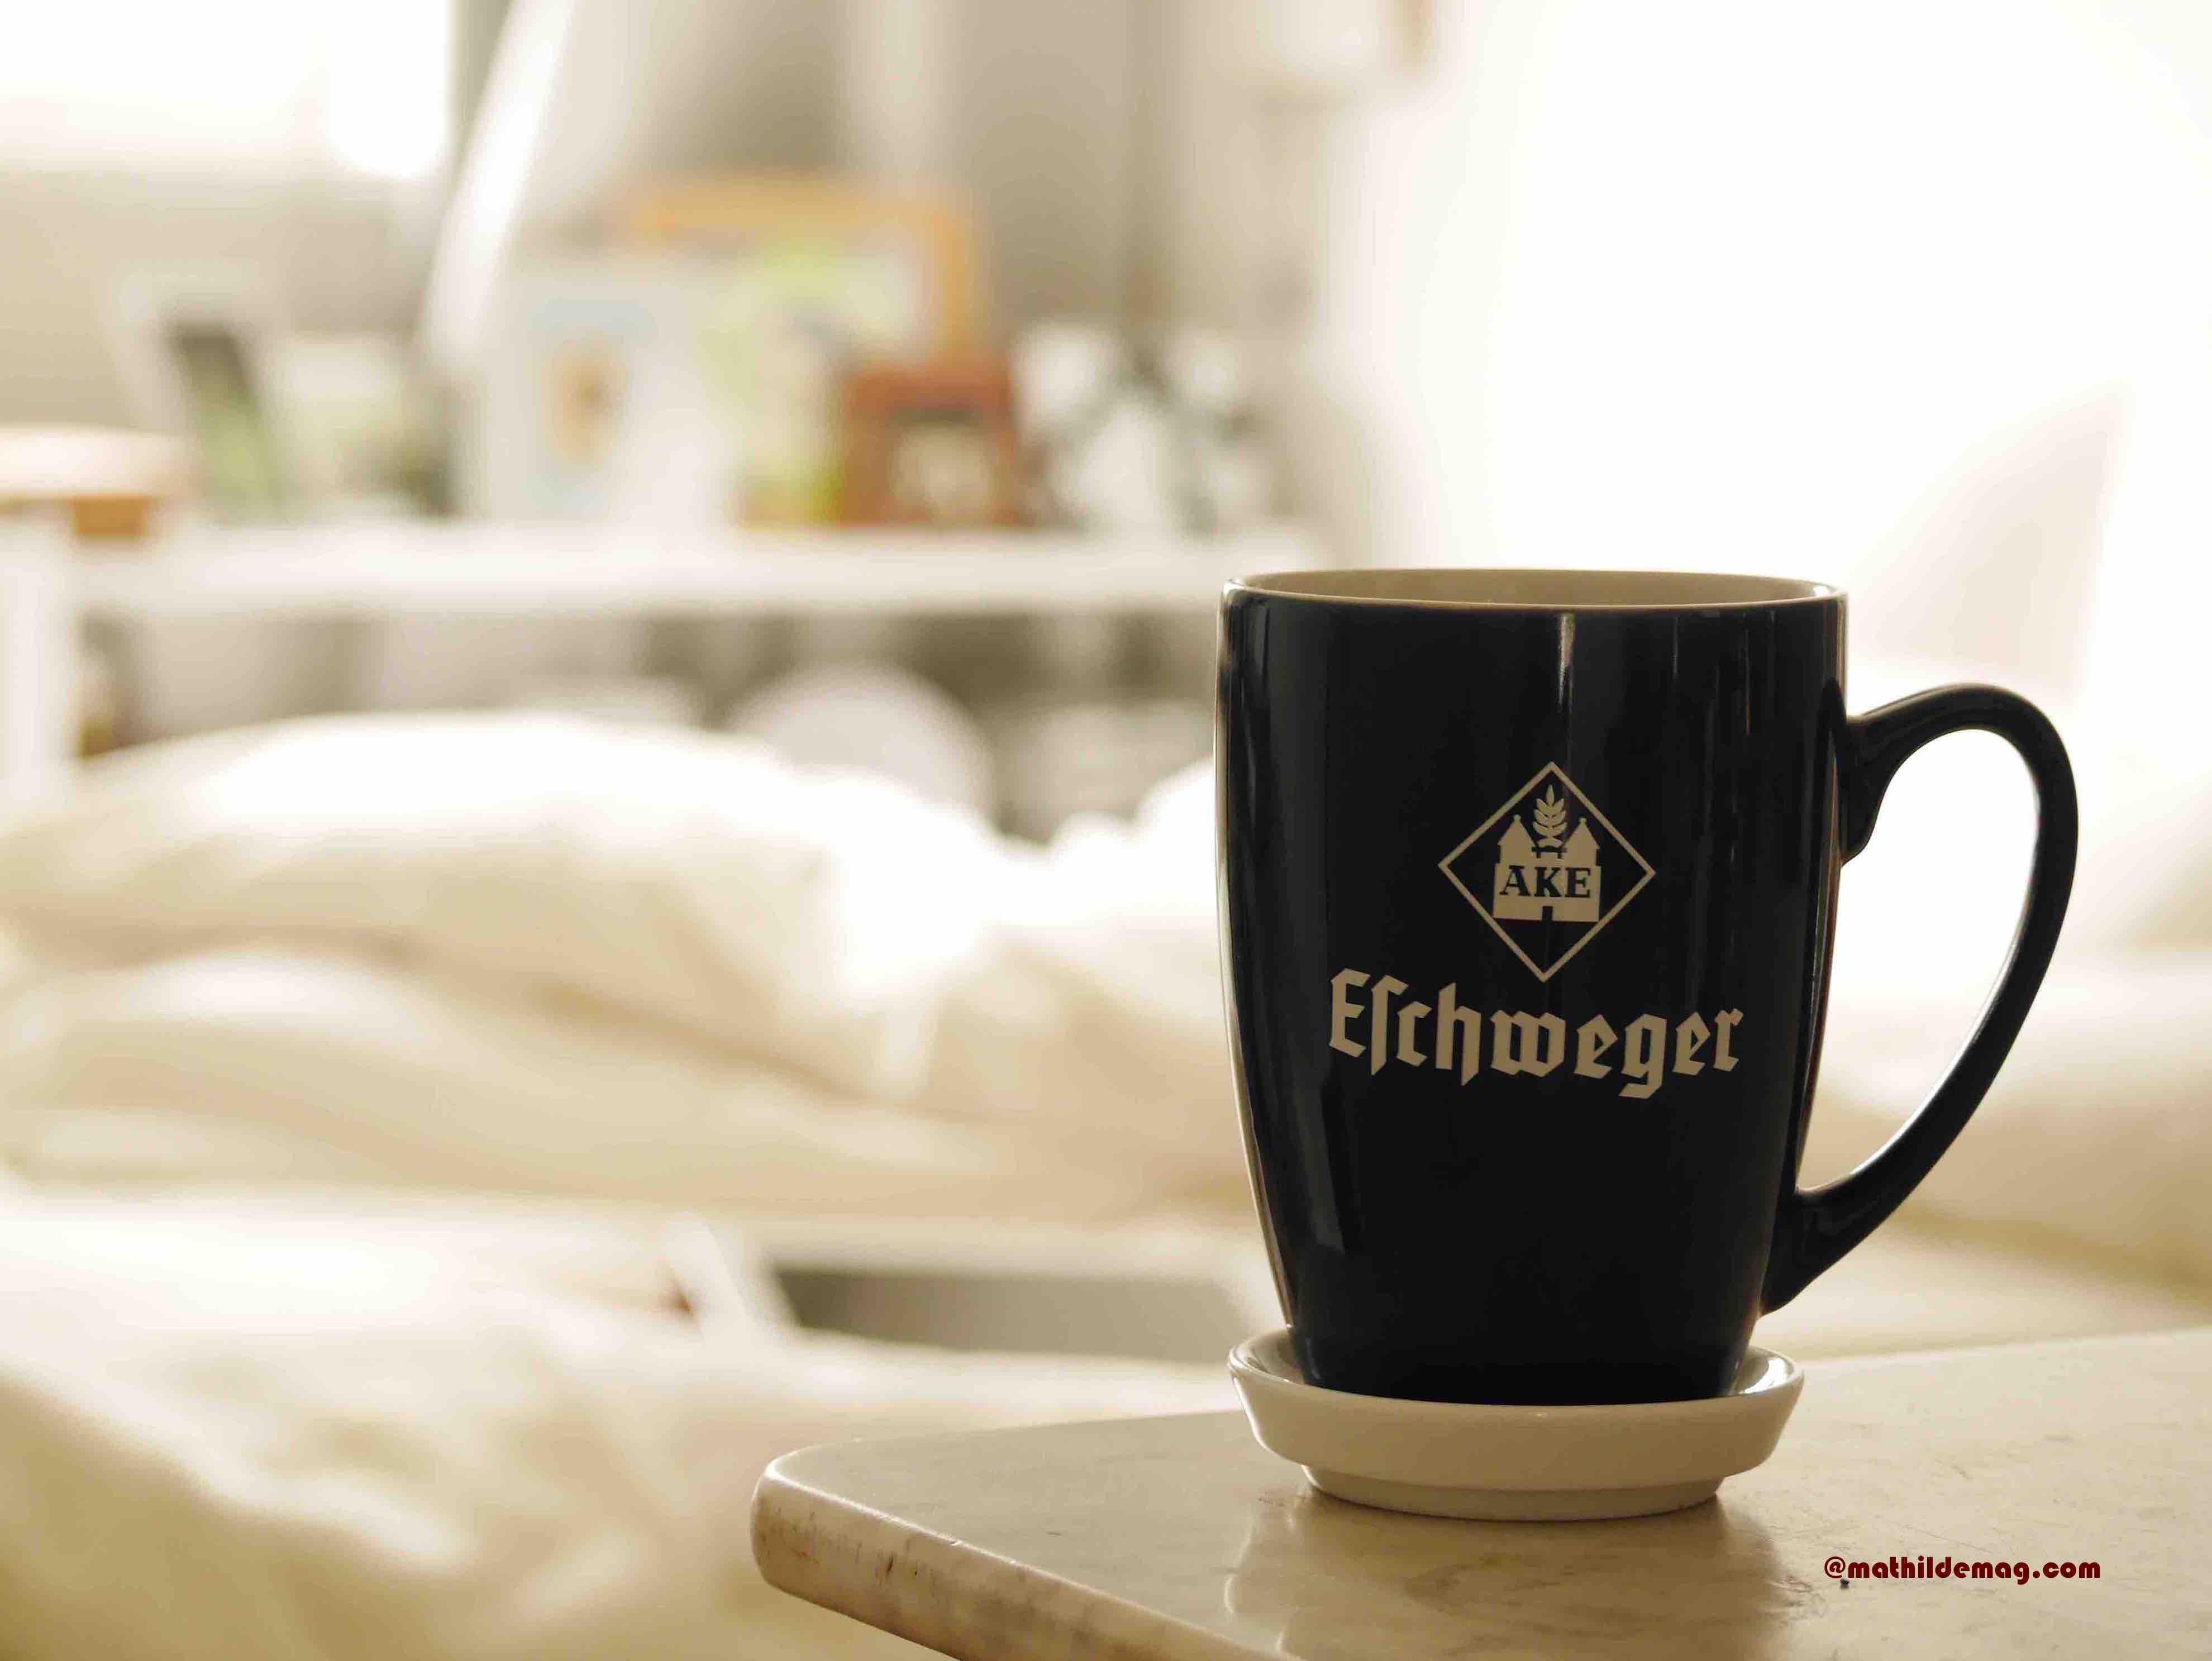 1 Kaffee im Bett